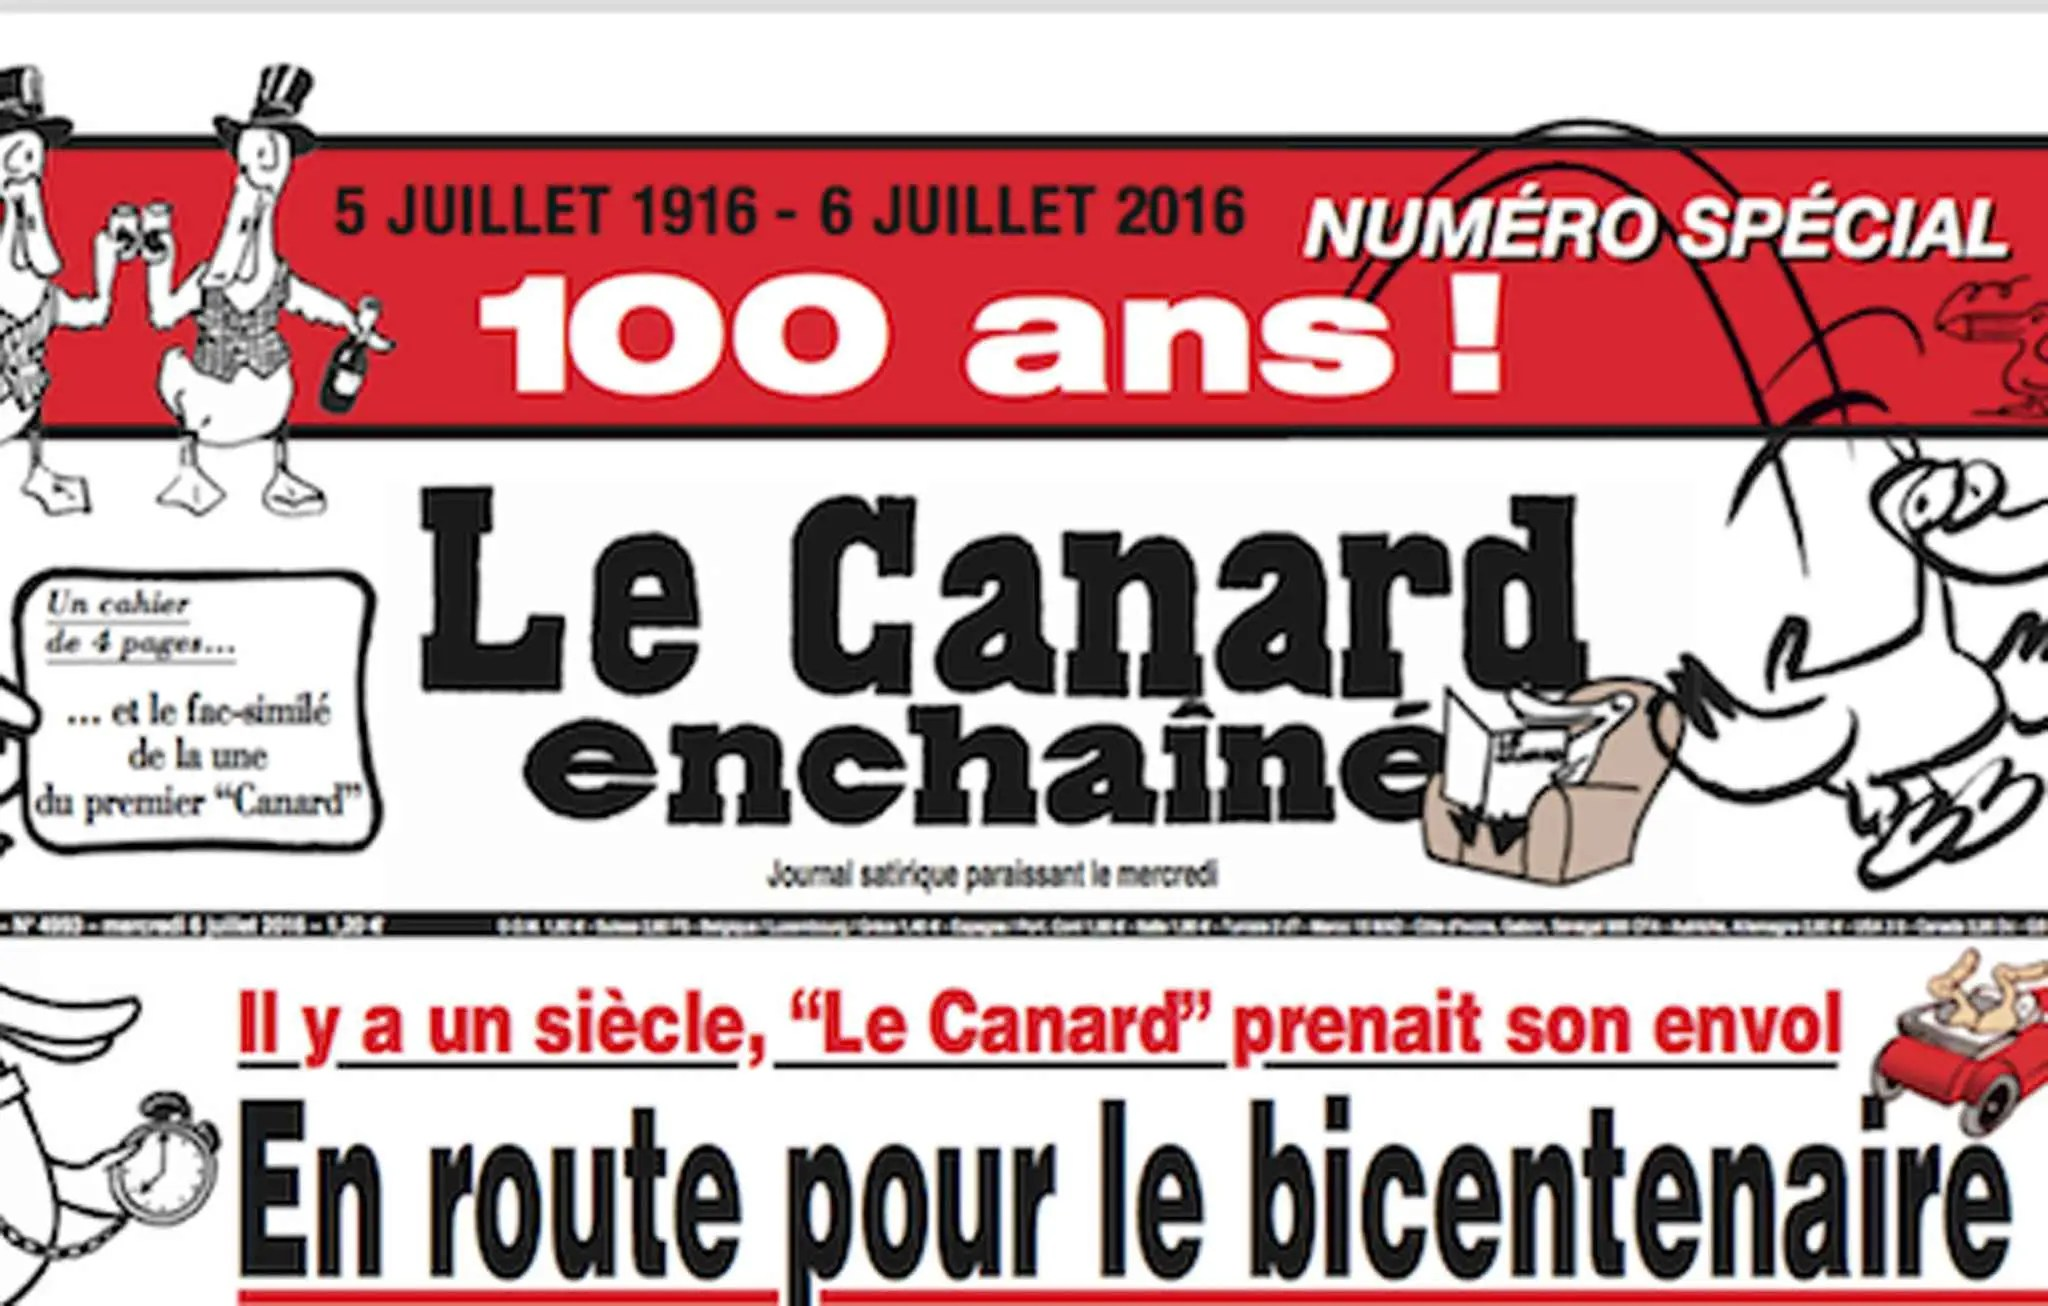 """Résultat de recherche d'images pour """"Le Canard enchaîné: 100 ans"""""""